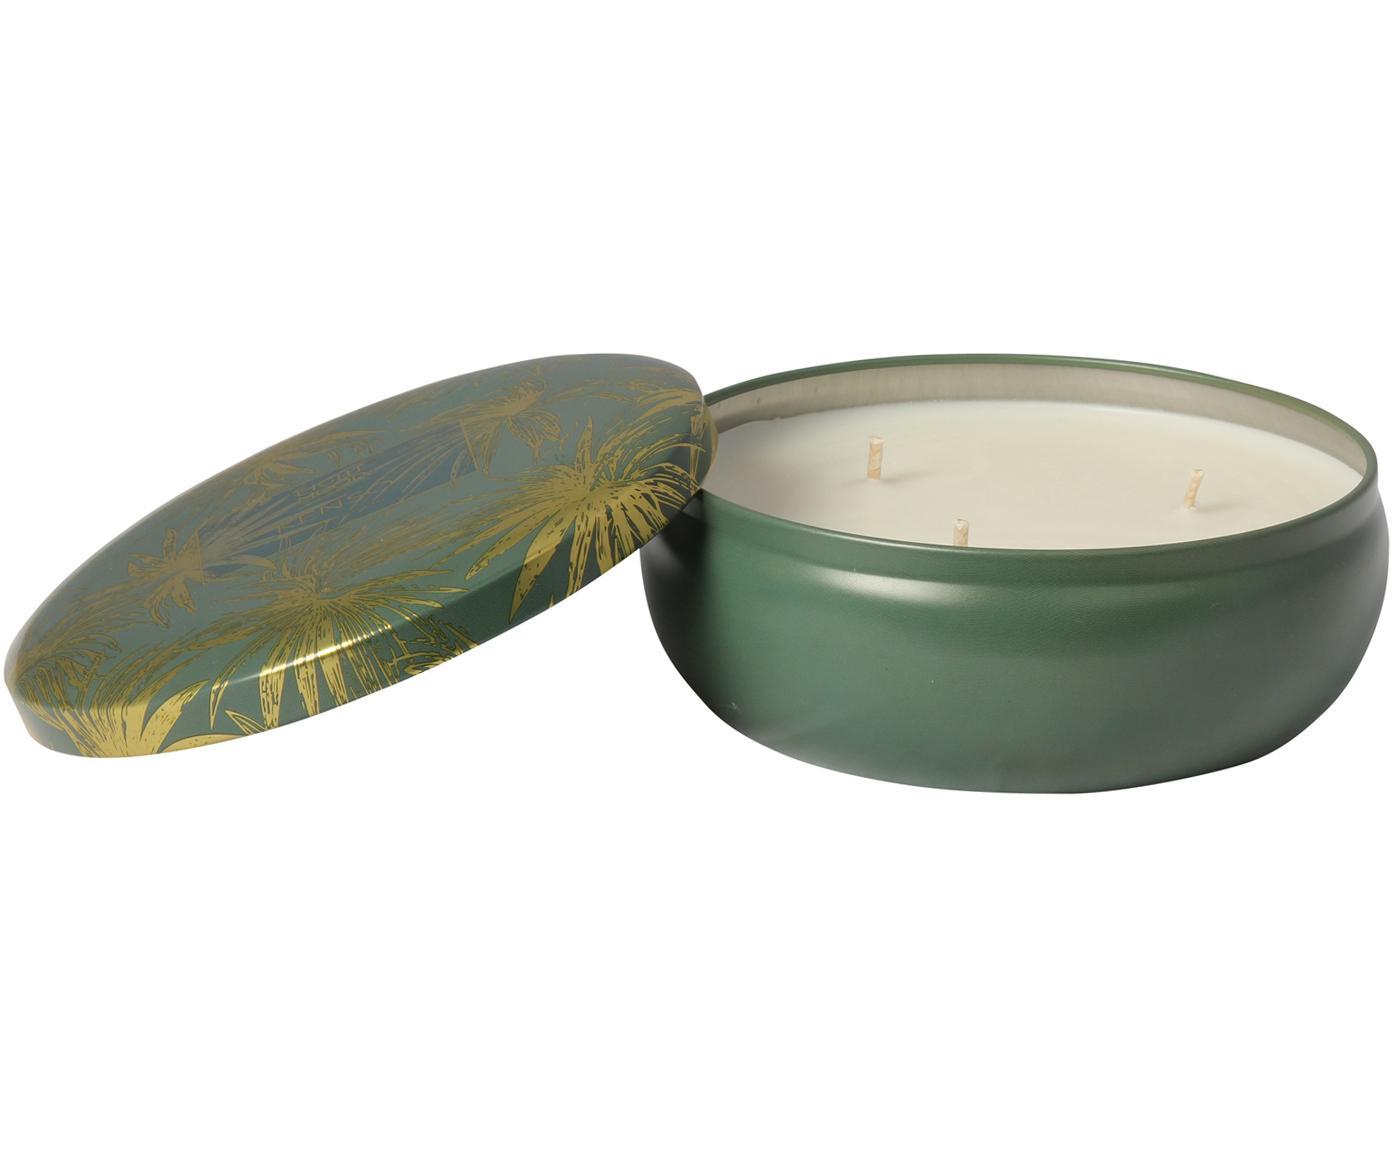 Świeca zapachowa z trzema knotami Kenso (ananas, kokos & grejpfrut), Zielony, odcienie złotego, Ø 13 x W 6 cm